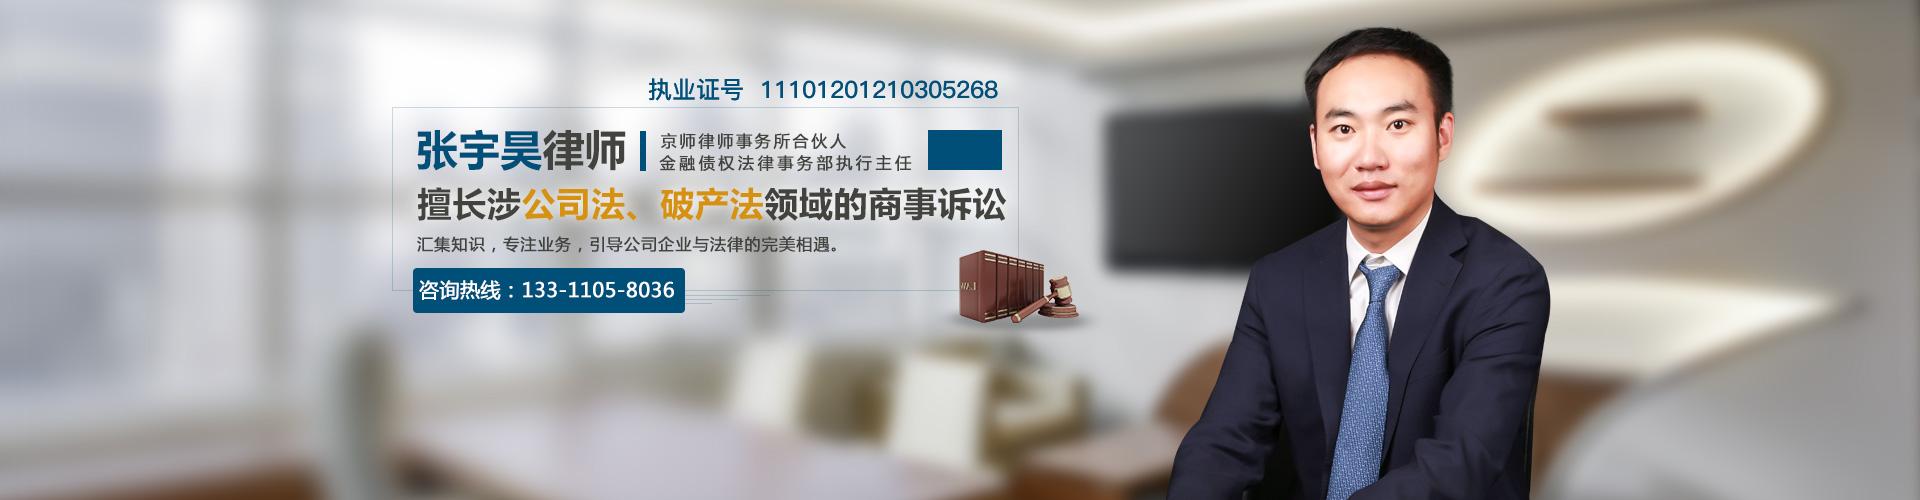 北京张宇昊律师